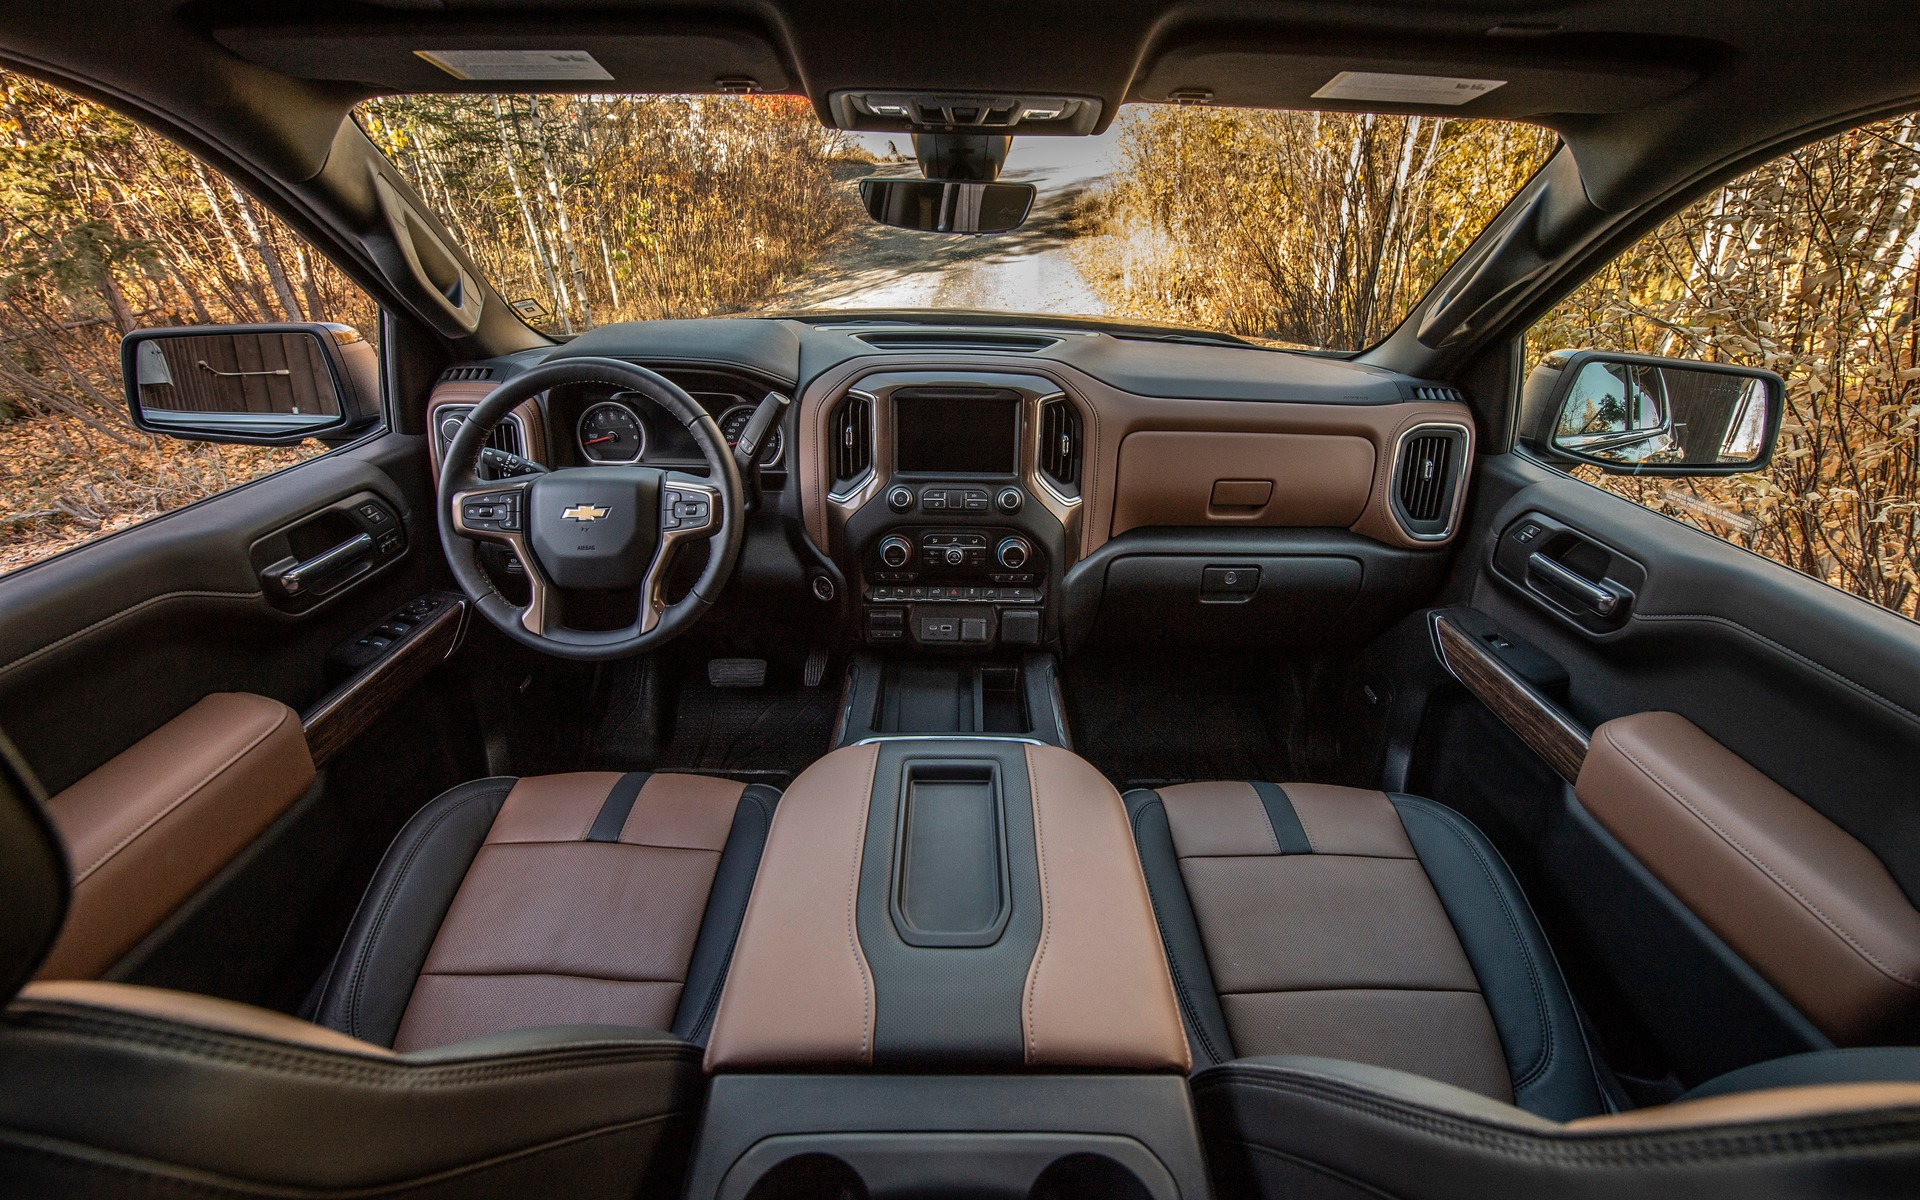 Chevrolet Silverado 2019 : fraîchement remanié pour battre Ford et Ram 349034_2019_Chevrolet_Silverado